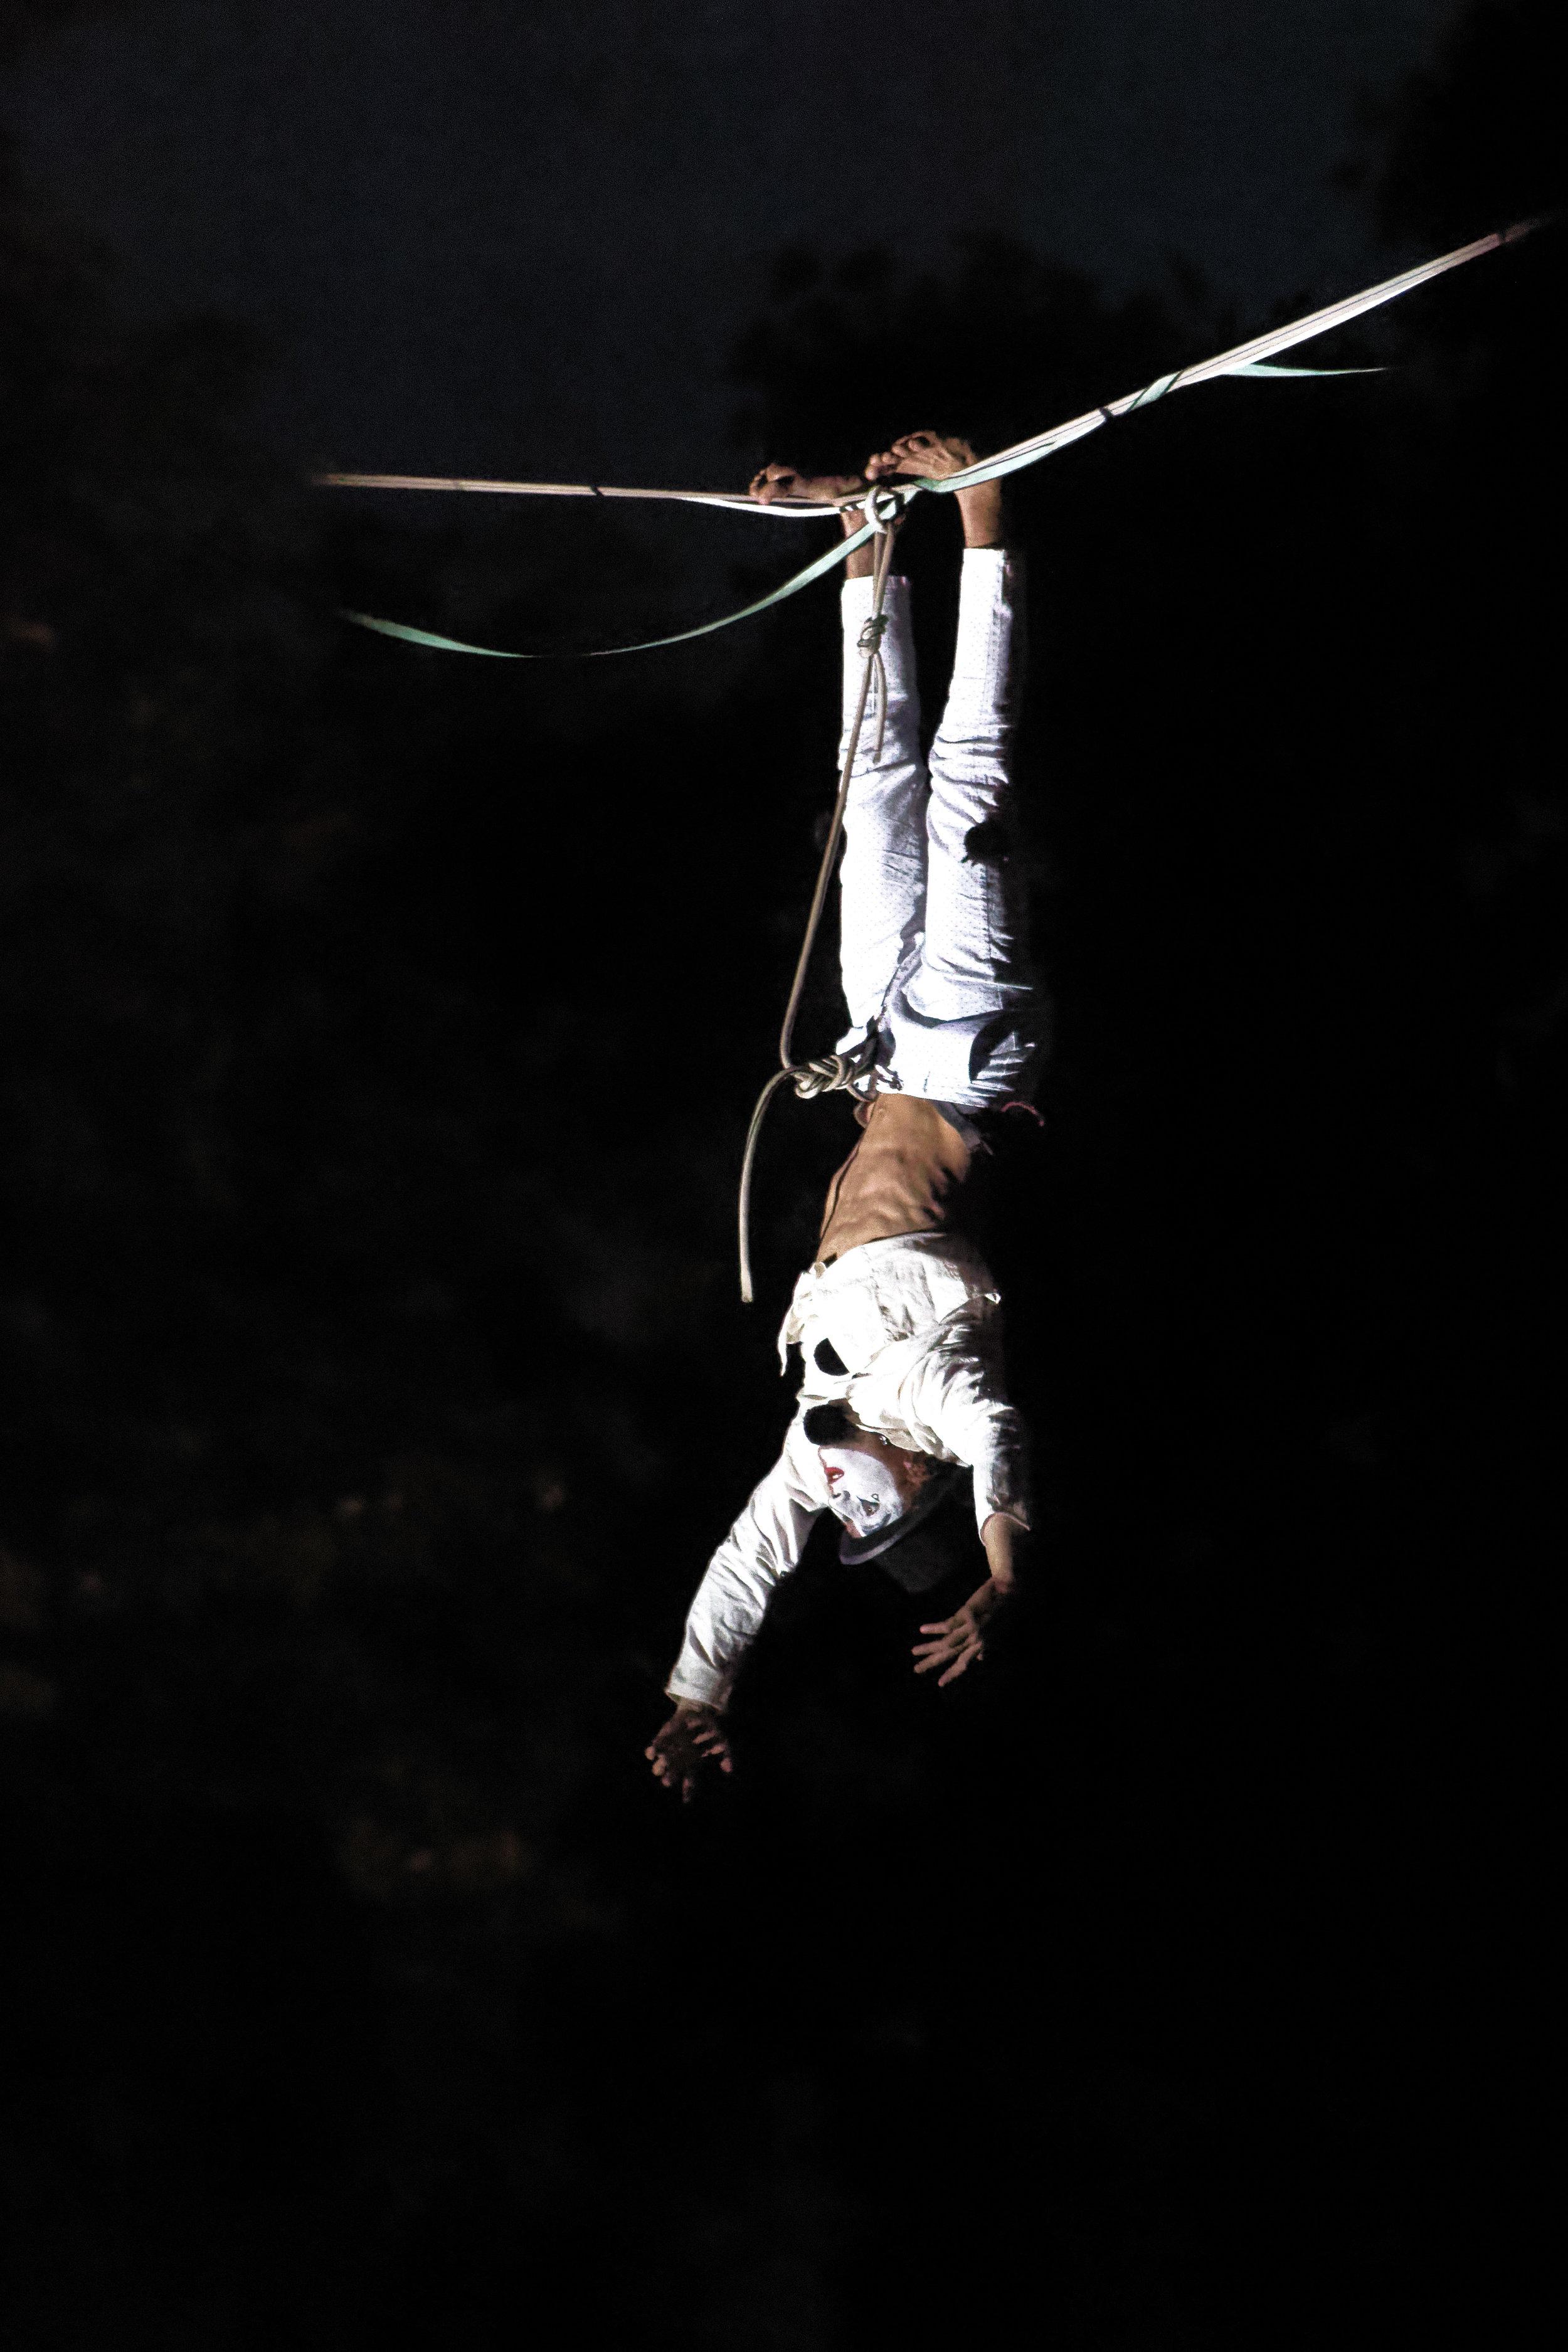 Fête de la Musique Tour de Peilz harpe suisse highline trickline show funambule circus performance spectacle ecole suisse Slackline Lyell Grunberg (6).jpg